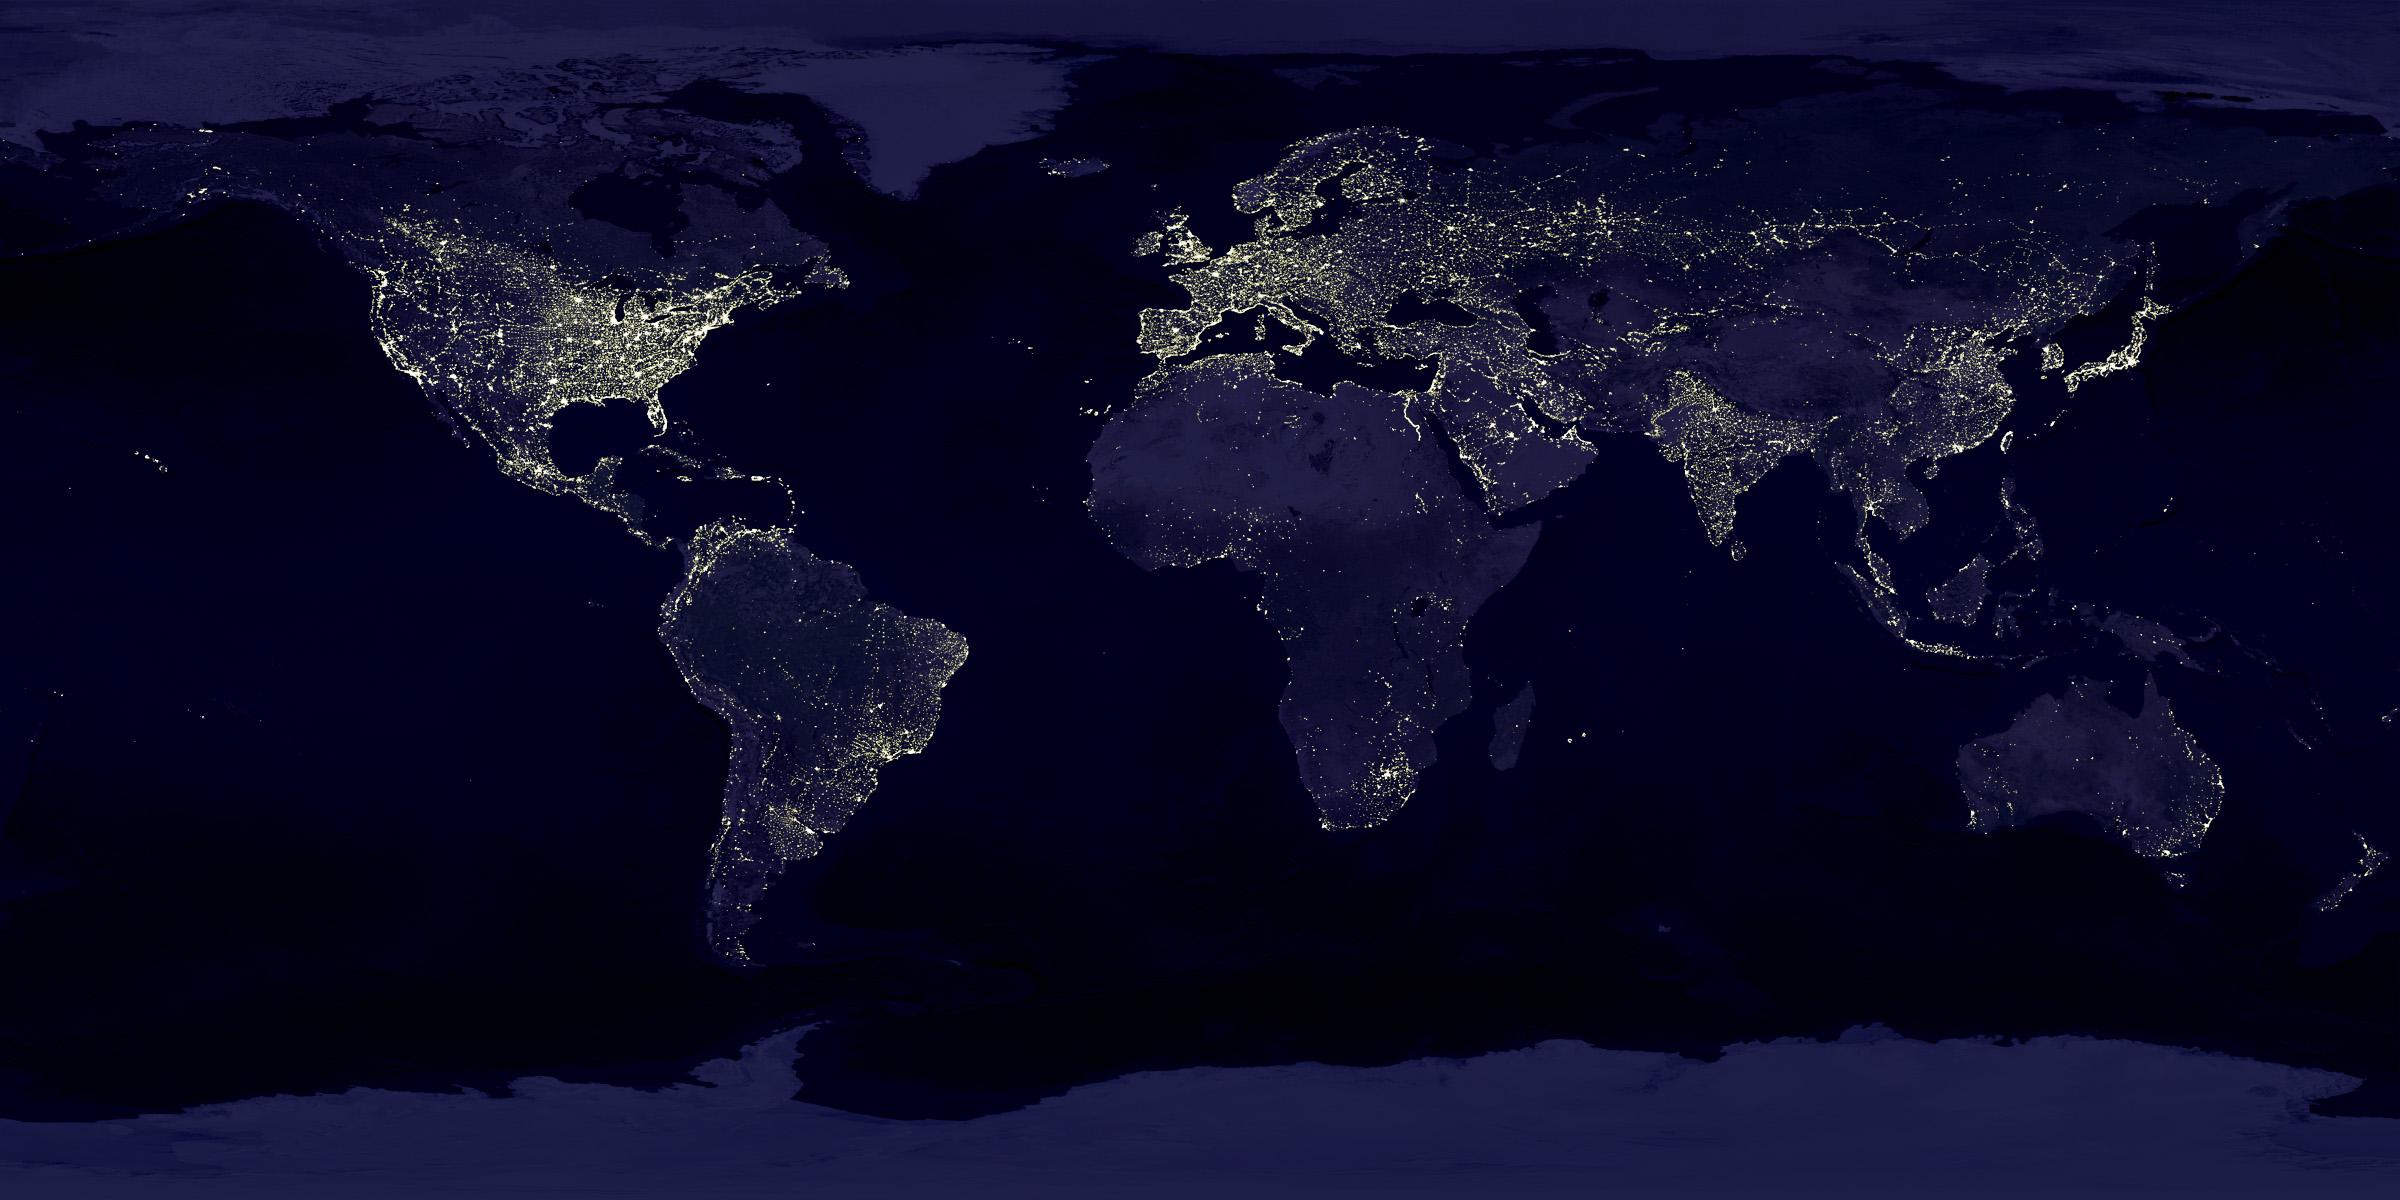 Астрономическая картинка дня